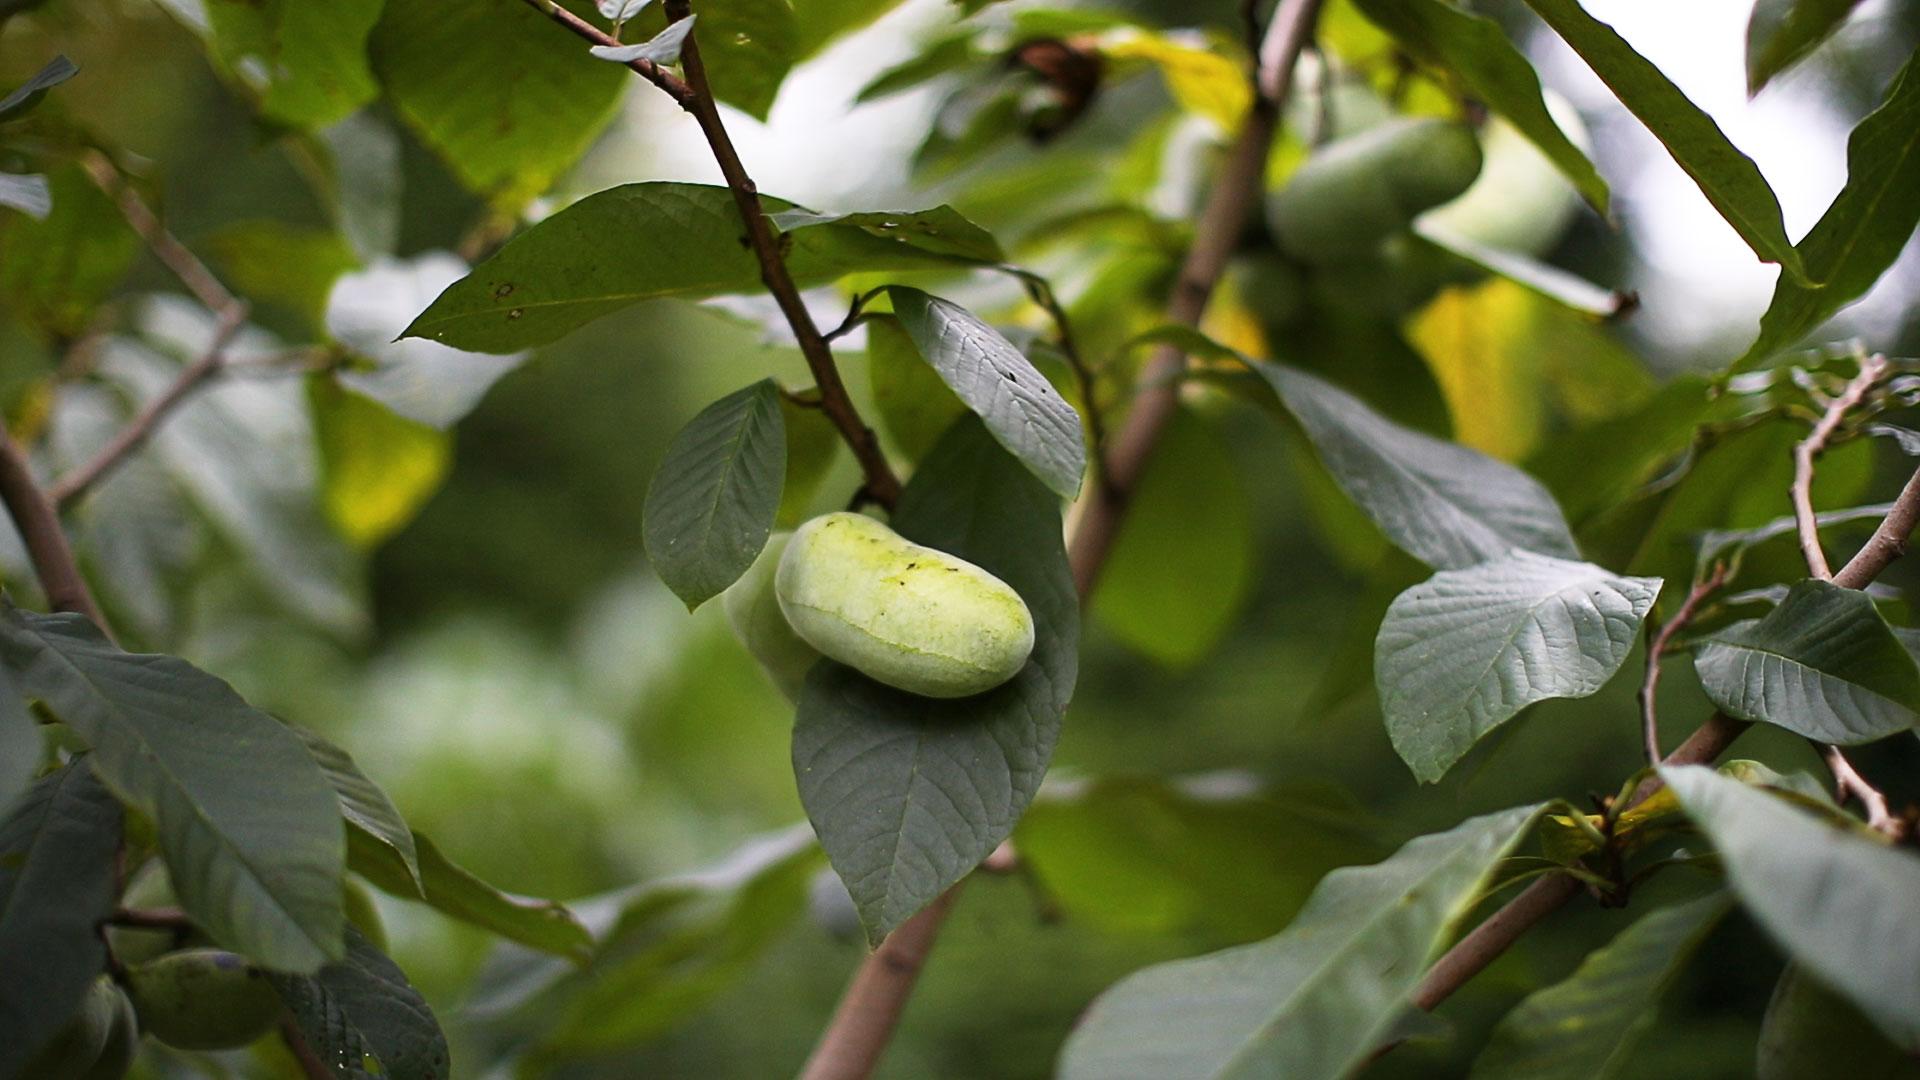 A Pawpaw Fruit on a Pawpaw Tree